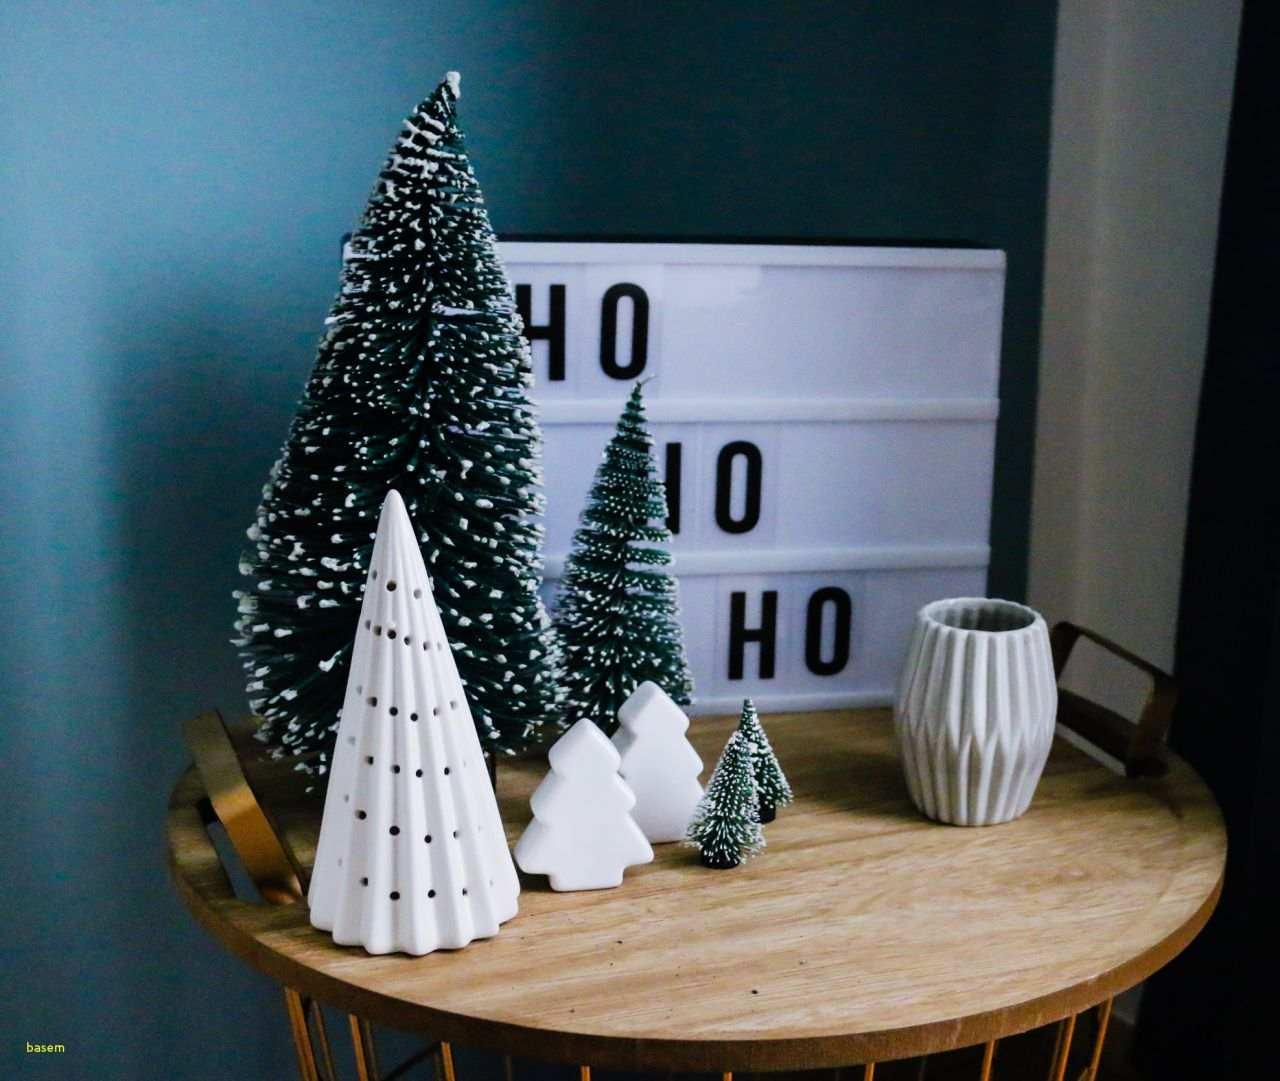 holz deko ideen reizend weihnachtsdeko ideen zum selbermachen holz deko selber of holz deko ideen